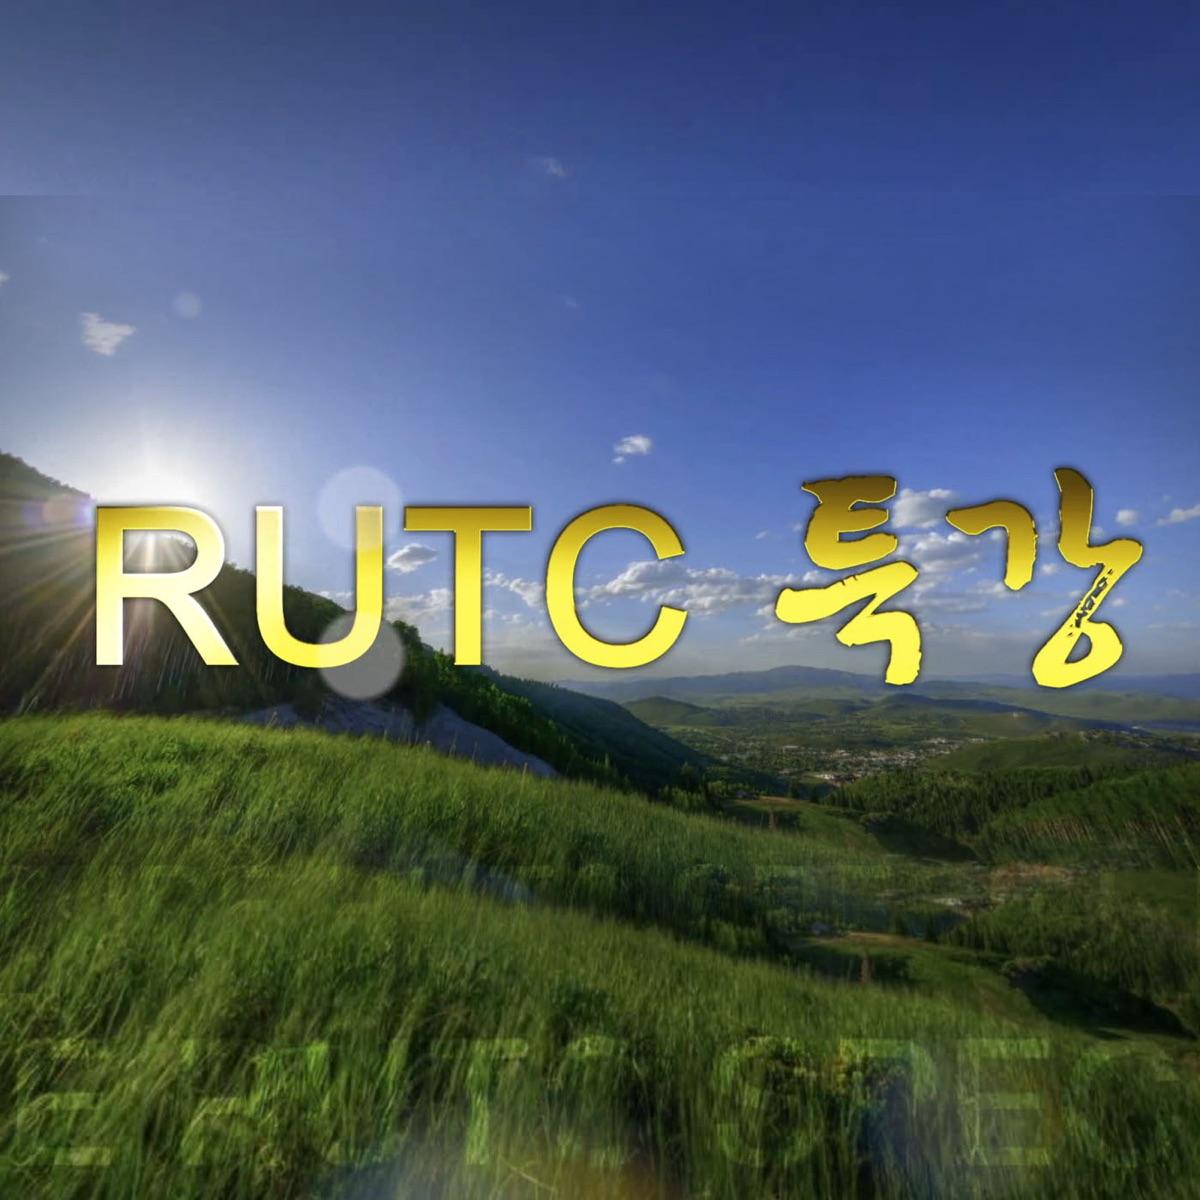 RUTC 특강 - RUTCTV